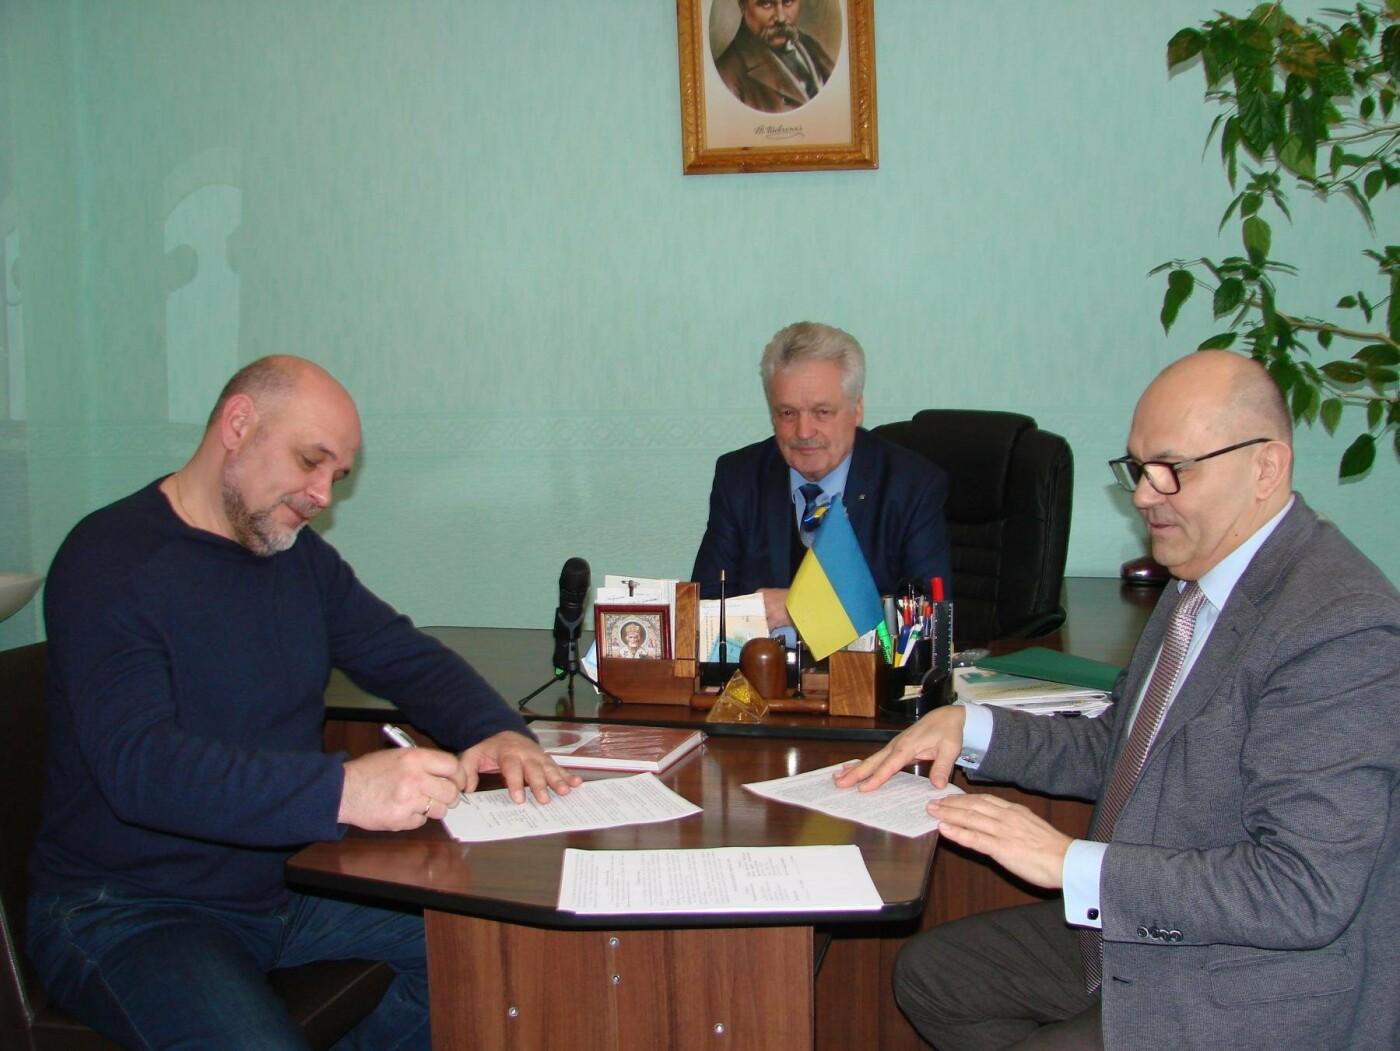 Фахівці клініки ім. Шупика безкоштовно проведуть офтальмологічне обстеження для білоцерківців